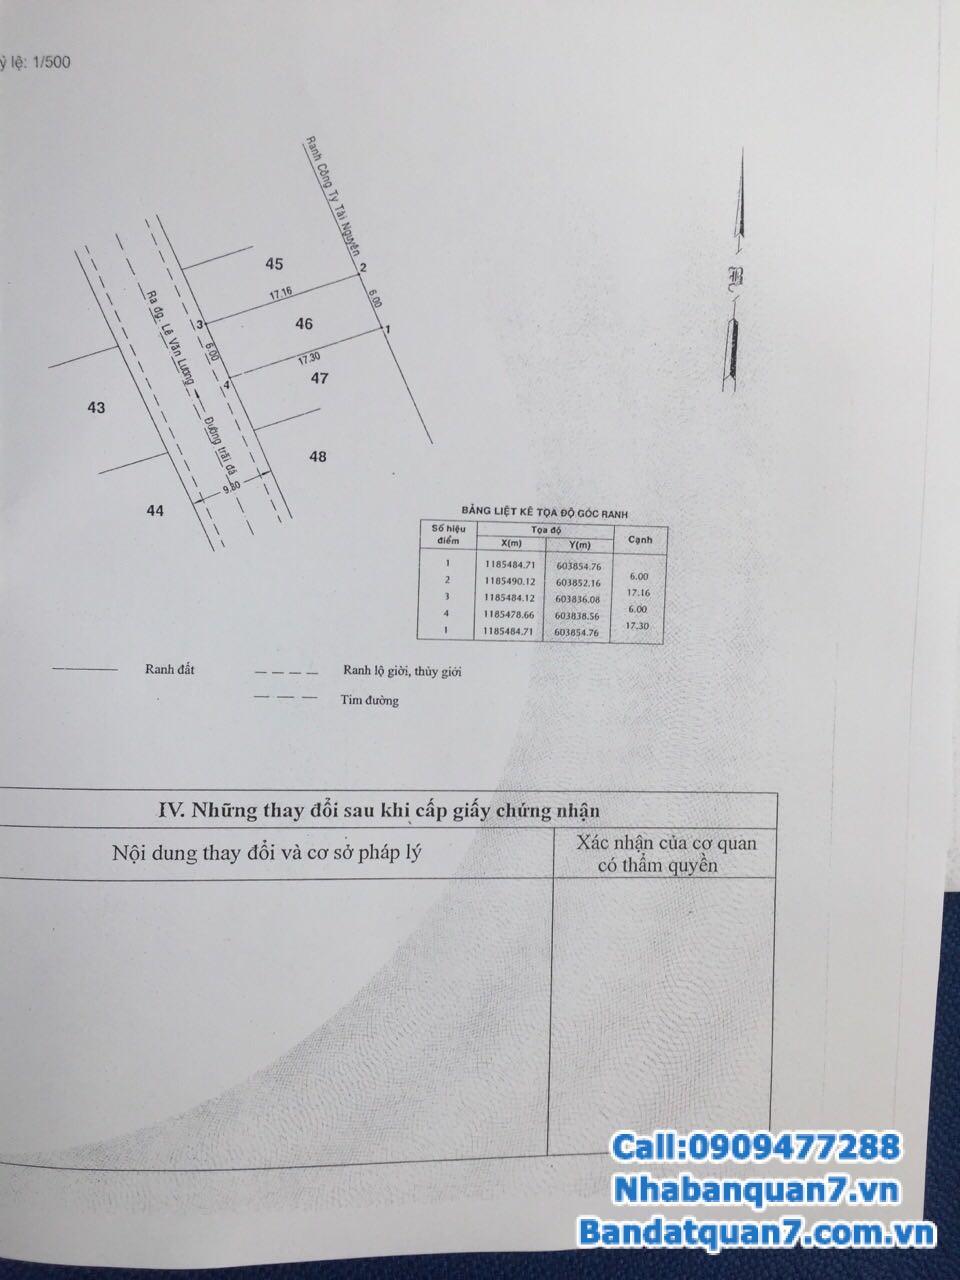 Bán đất Cư Xá Ngân Hàng Nhà Bè, 6x17,5  hướng Tây, giá 4,95tỷ Lh 0909477288